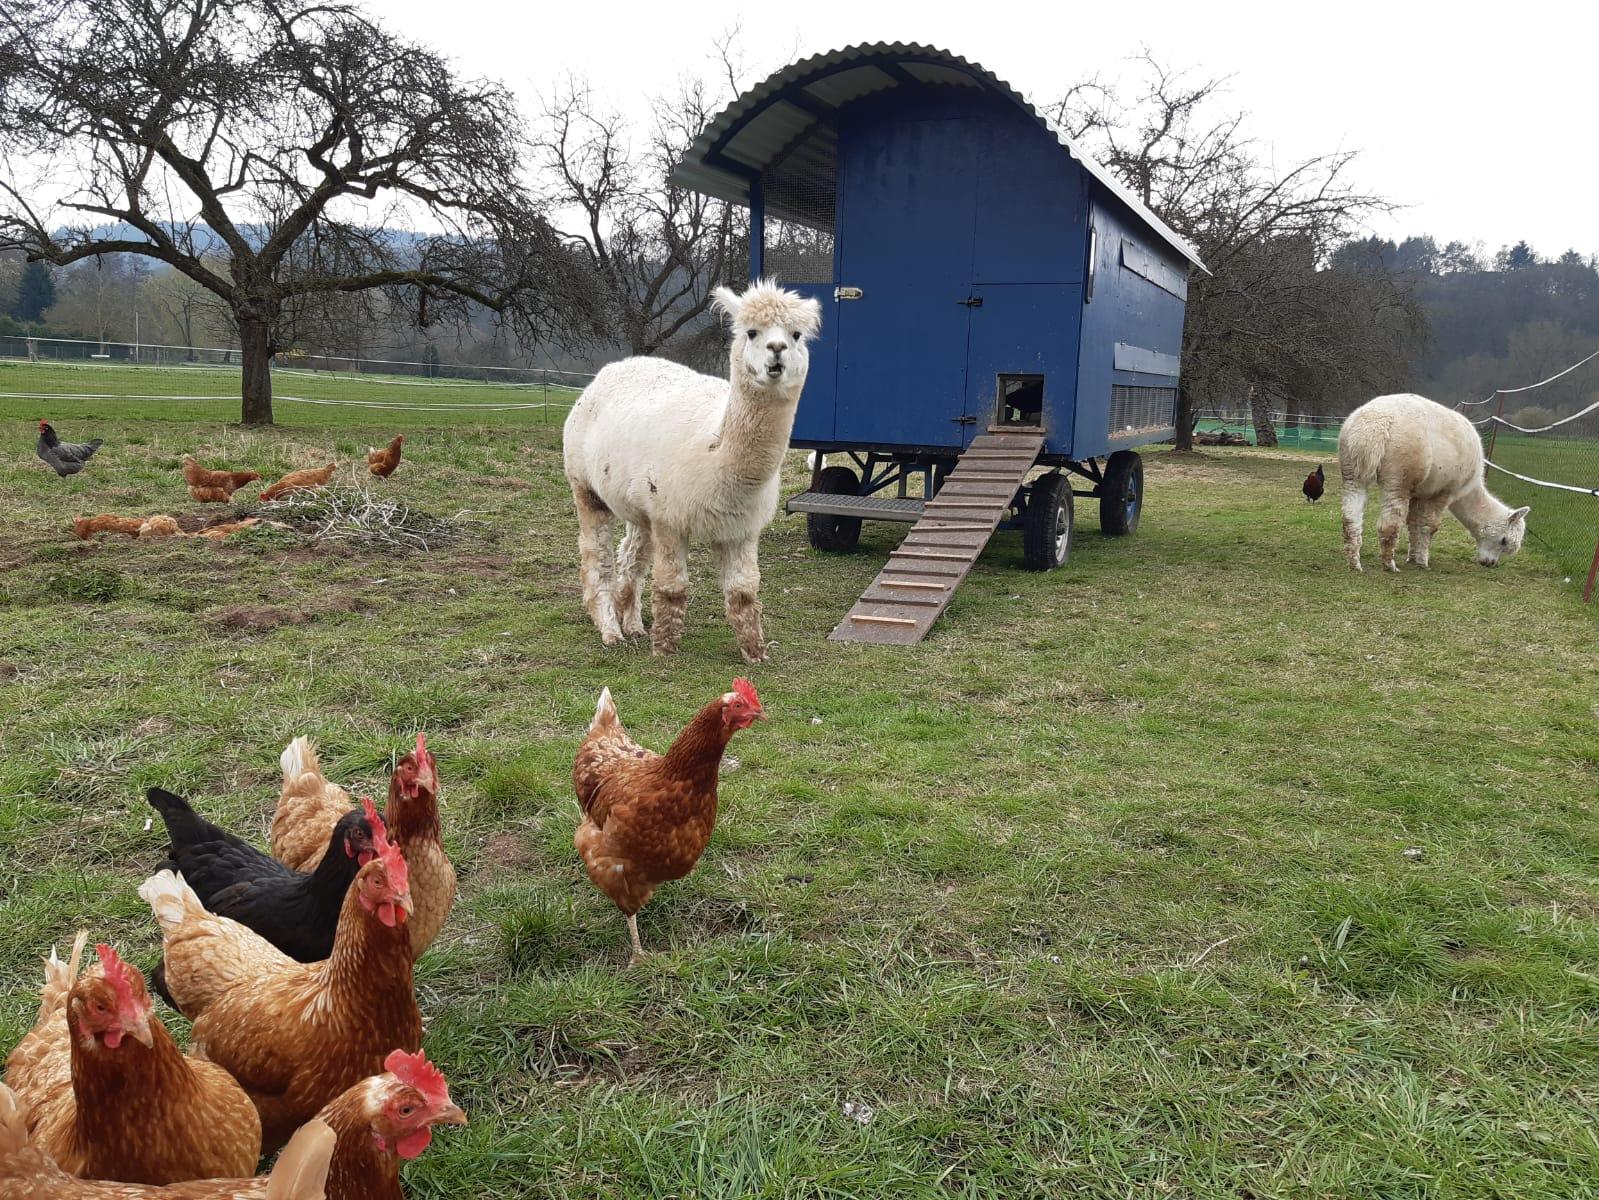 Im Hintergrund sind ein mobiler Hühnerstall und zwei Alpakas. Im Vordergrund mehrere Hühner.